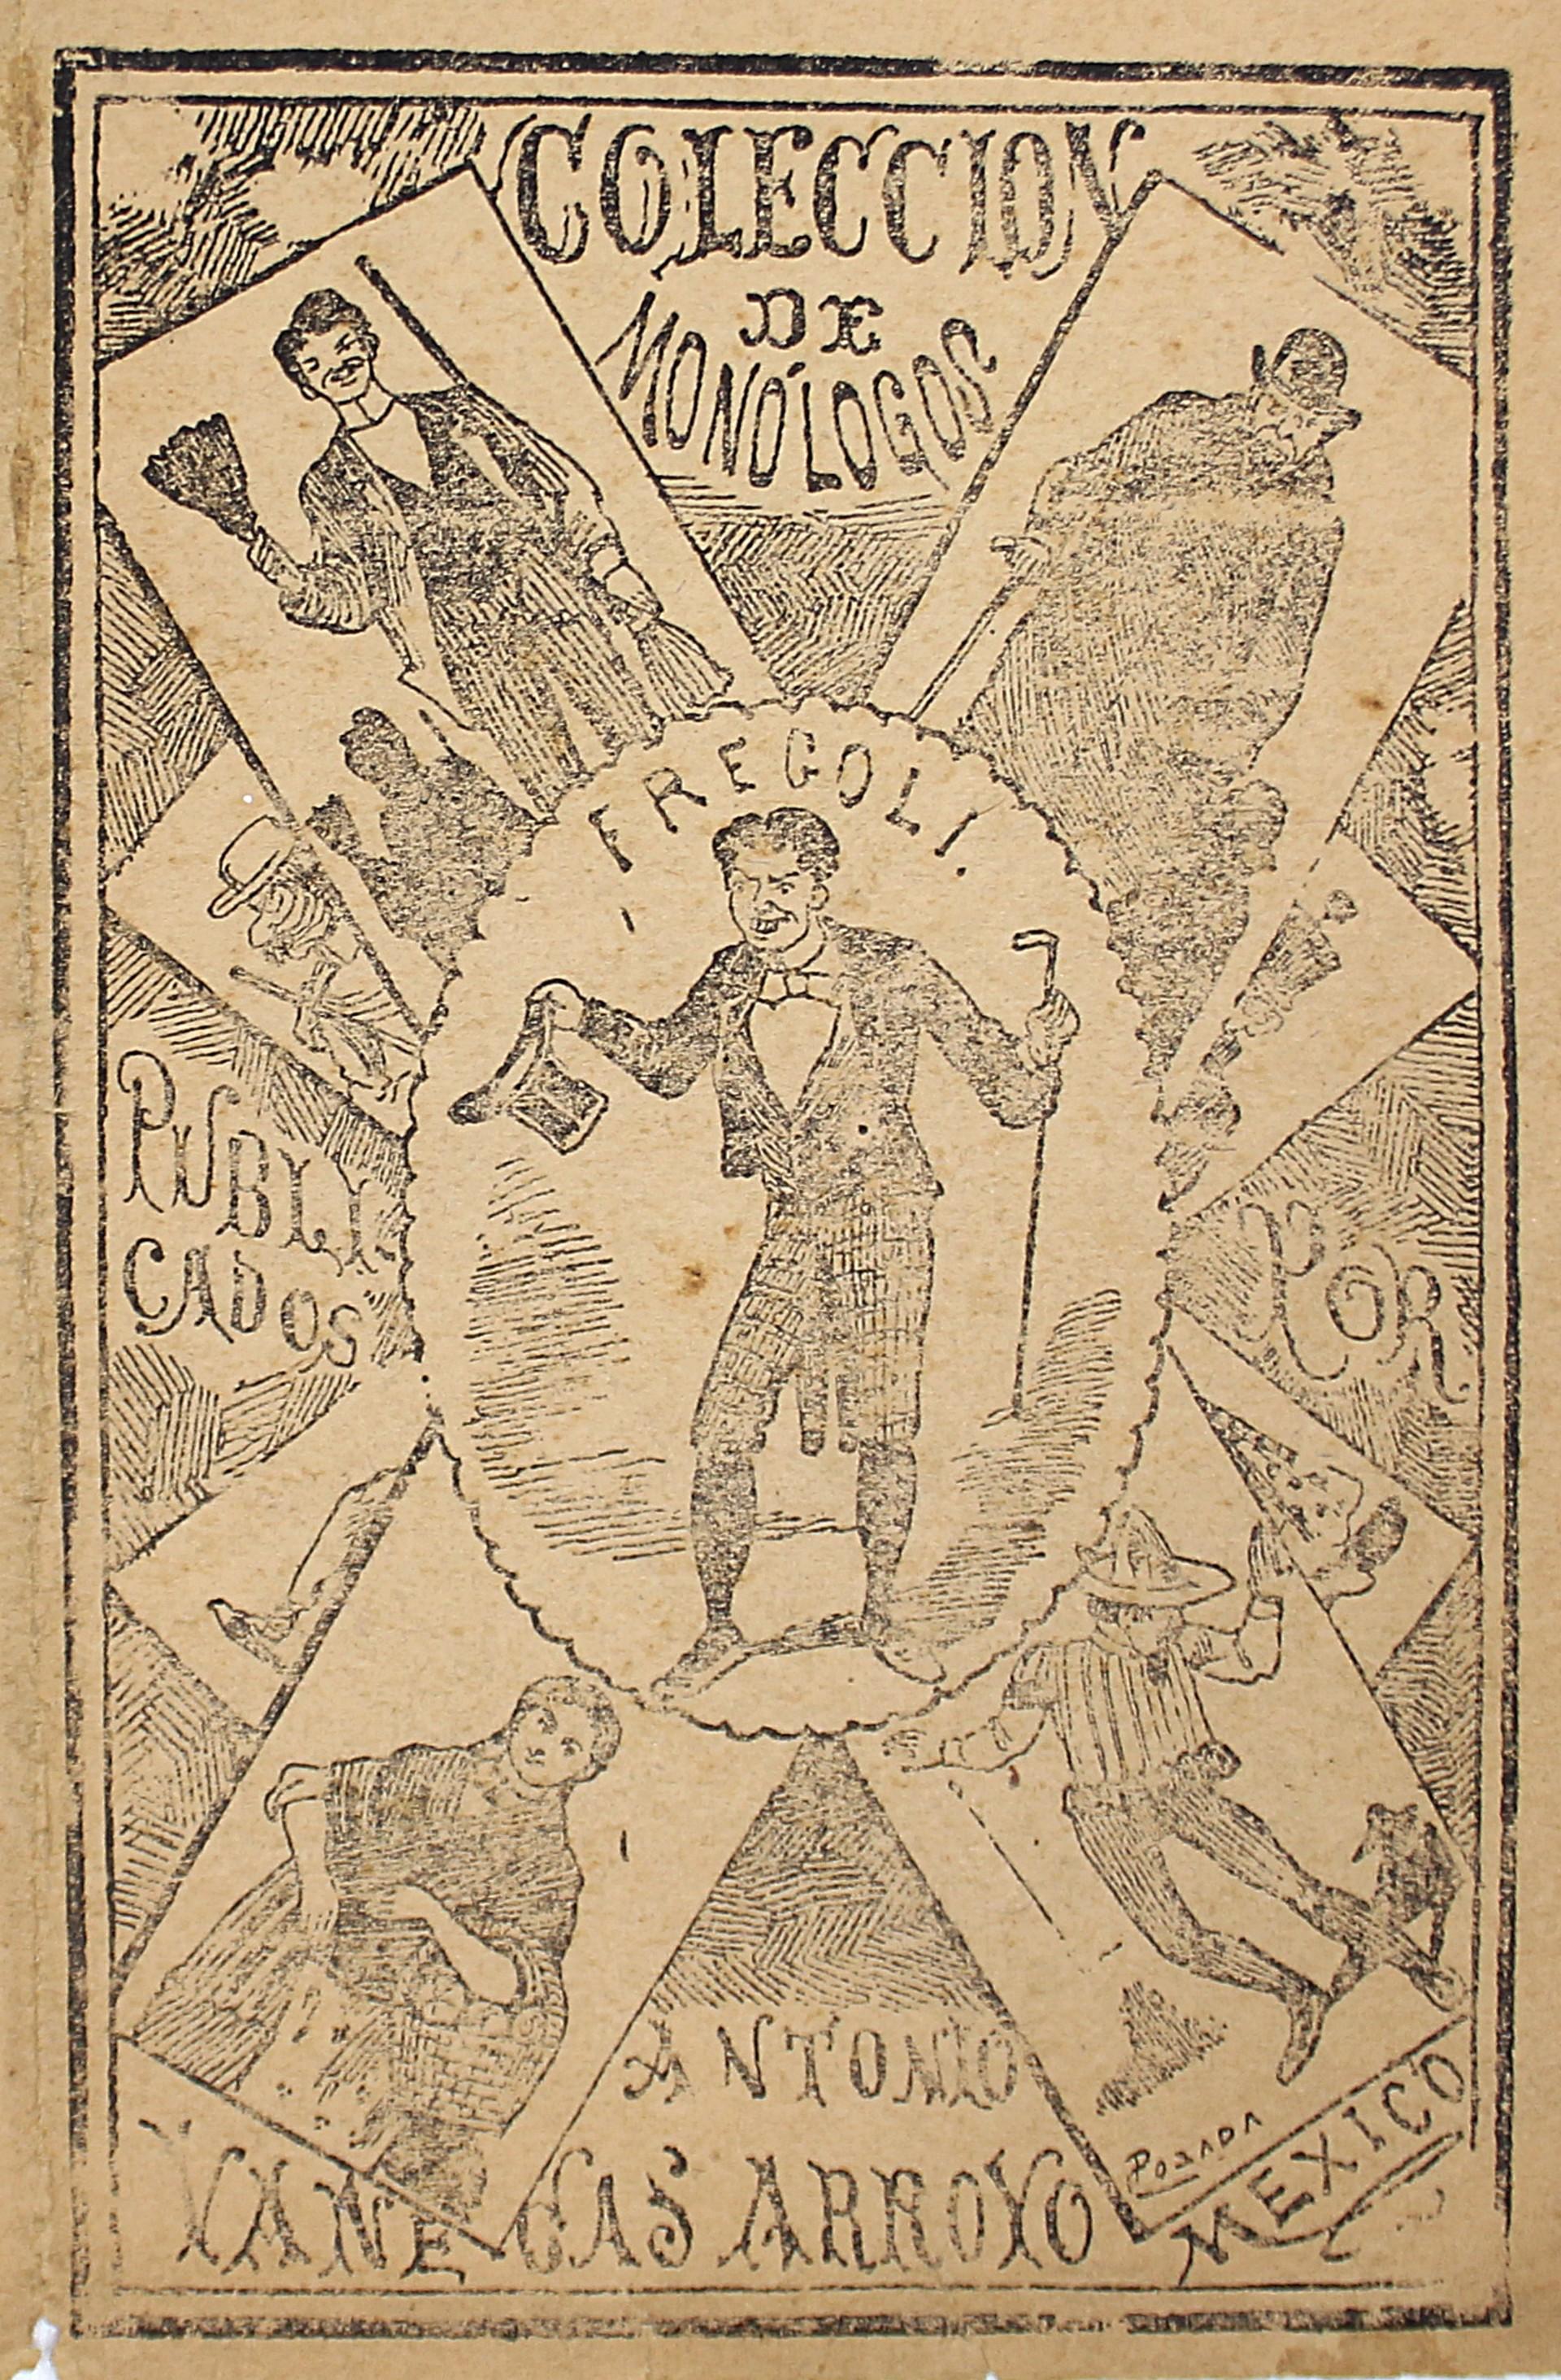 Colección de Monologos by José Guadalupe Posada (1852 - 1913)